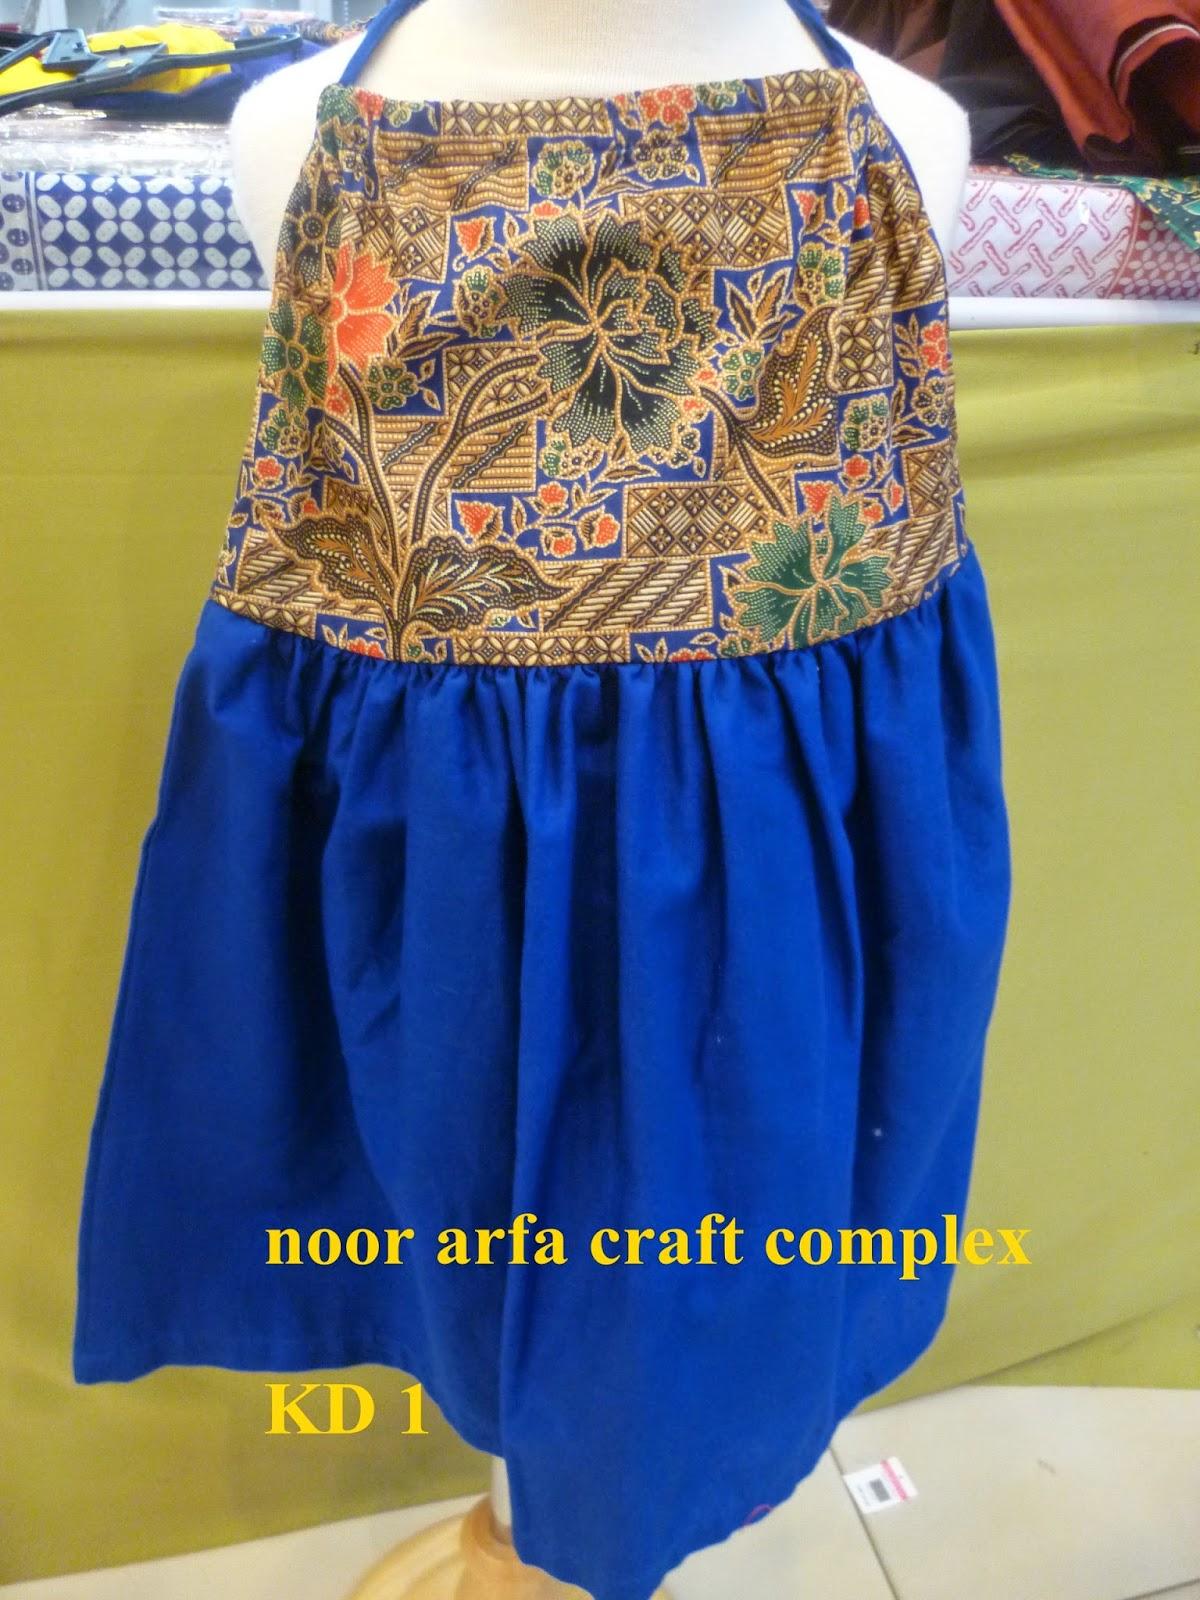 Big batik shop - Noor Arfa Craft Complex